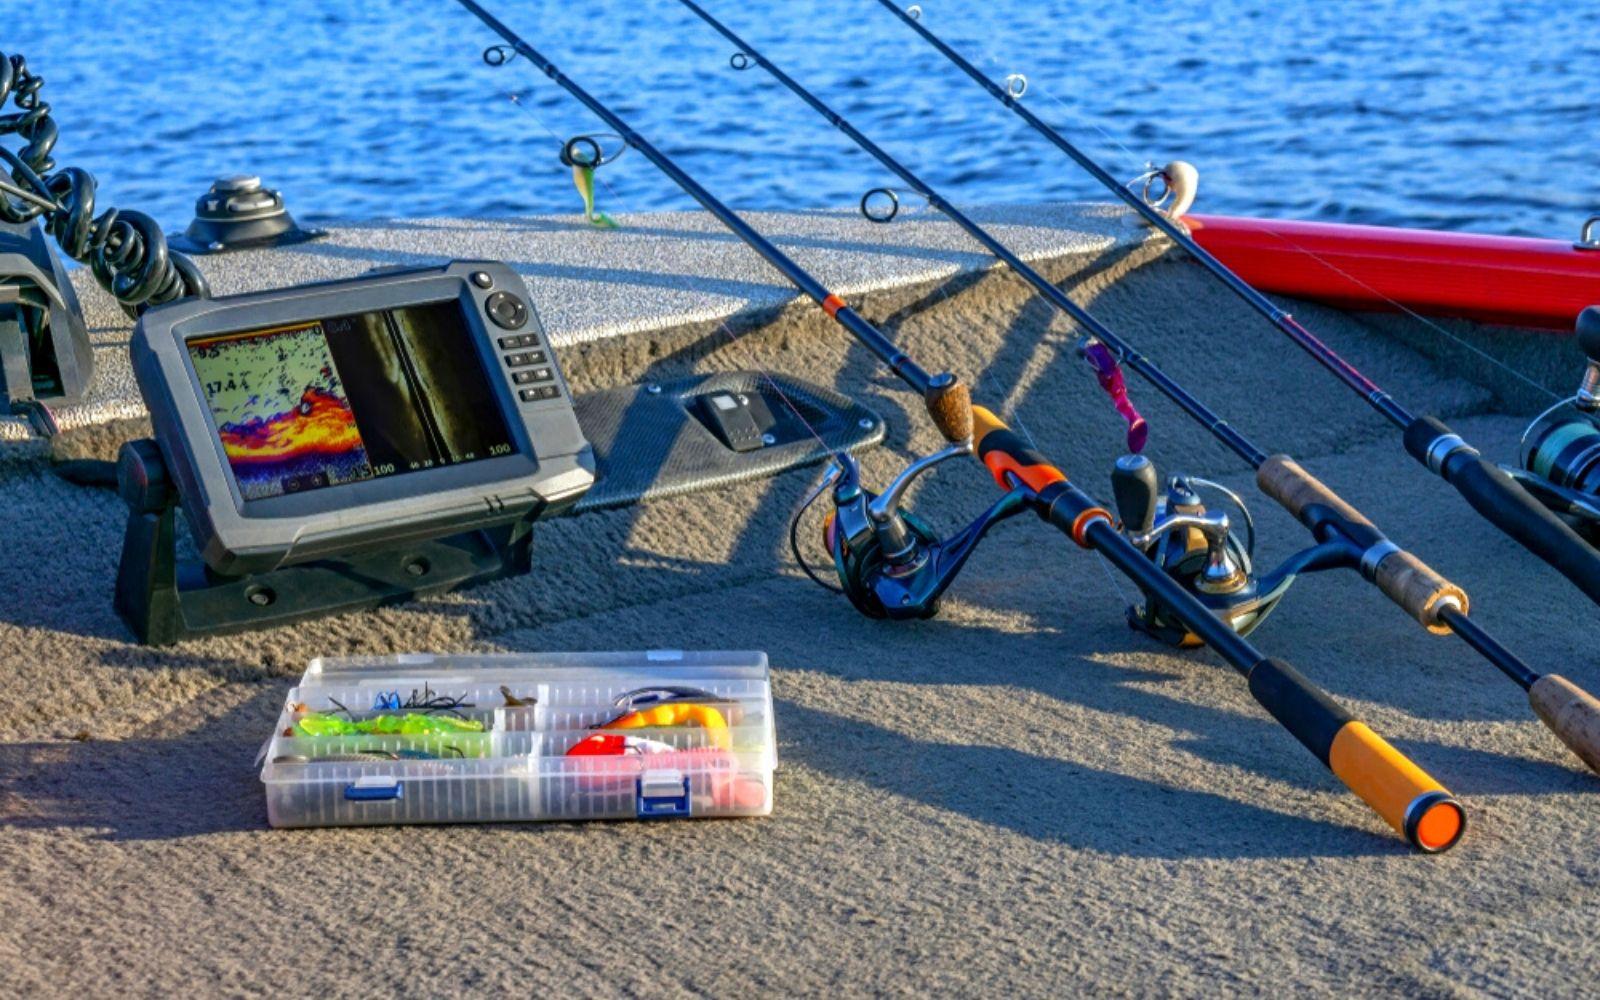 Fishing tackle set and fishfinder, echolot, sonar at the boat.